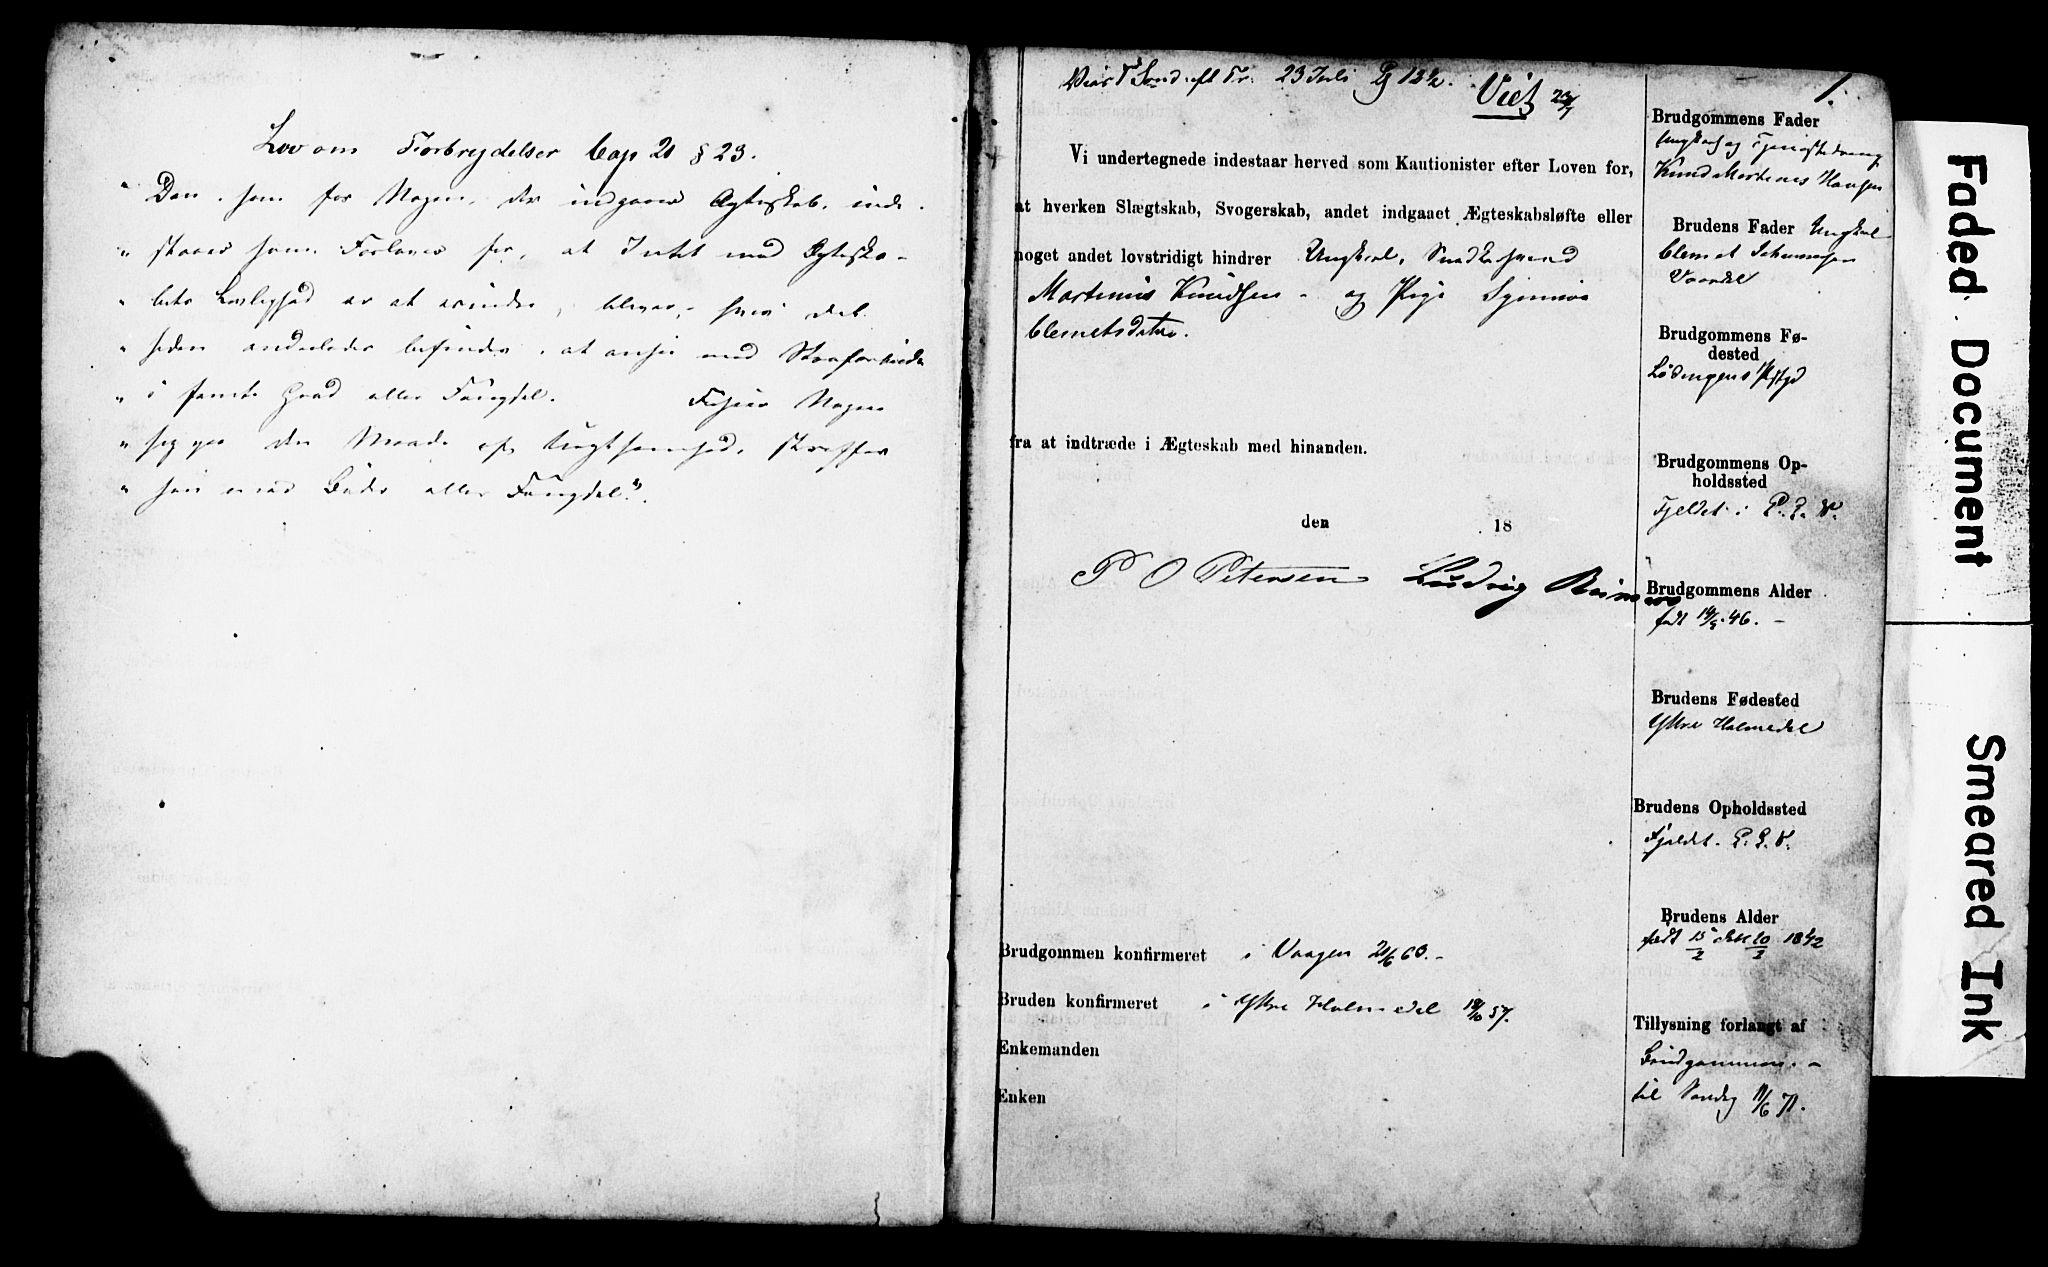 SAB, Korskirken Sokneprestembete, Forlovererklæringer nr. II.5.4, 1871-1878, s. 1